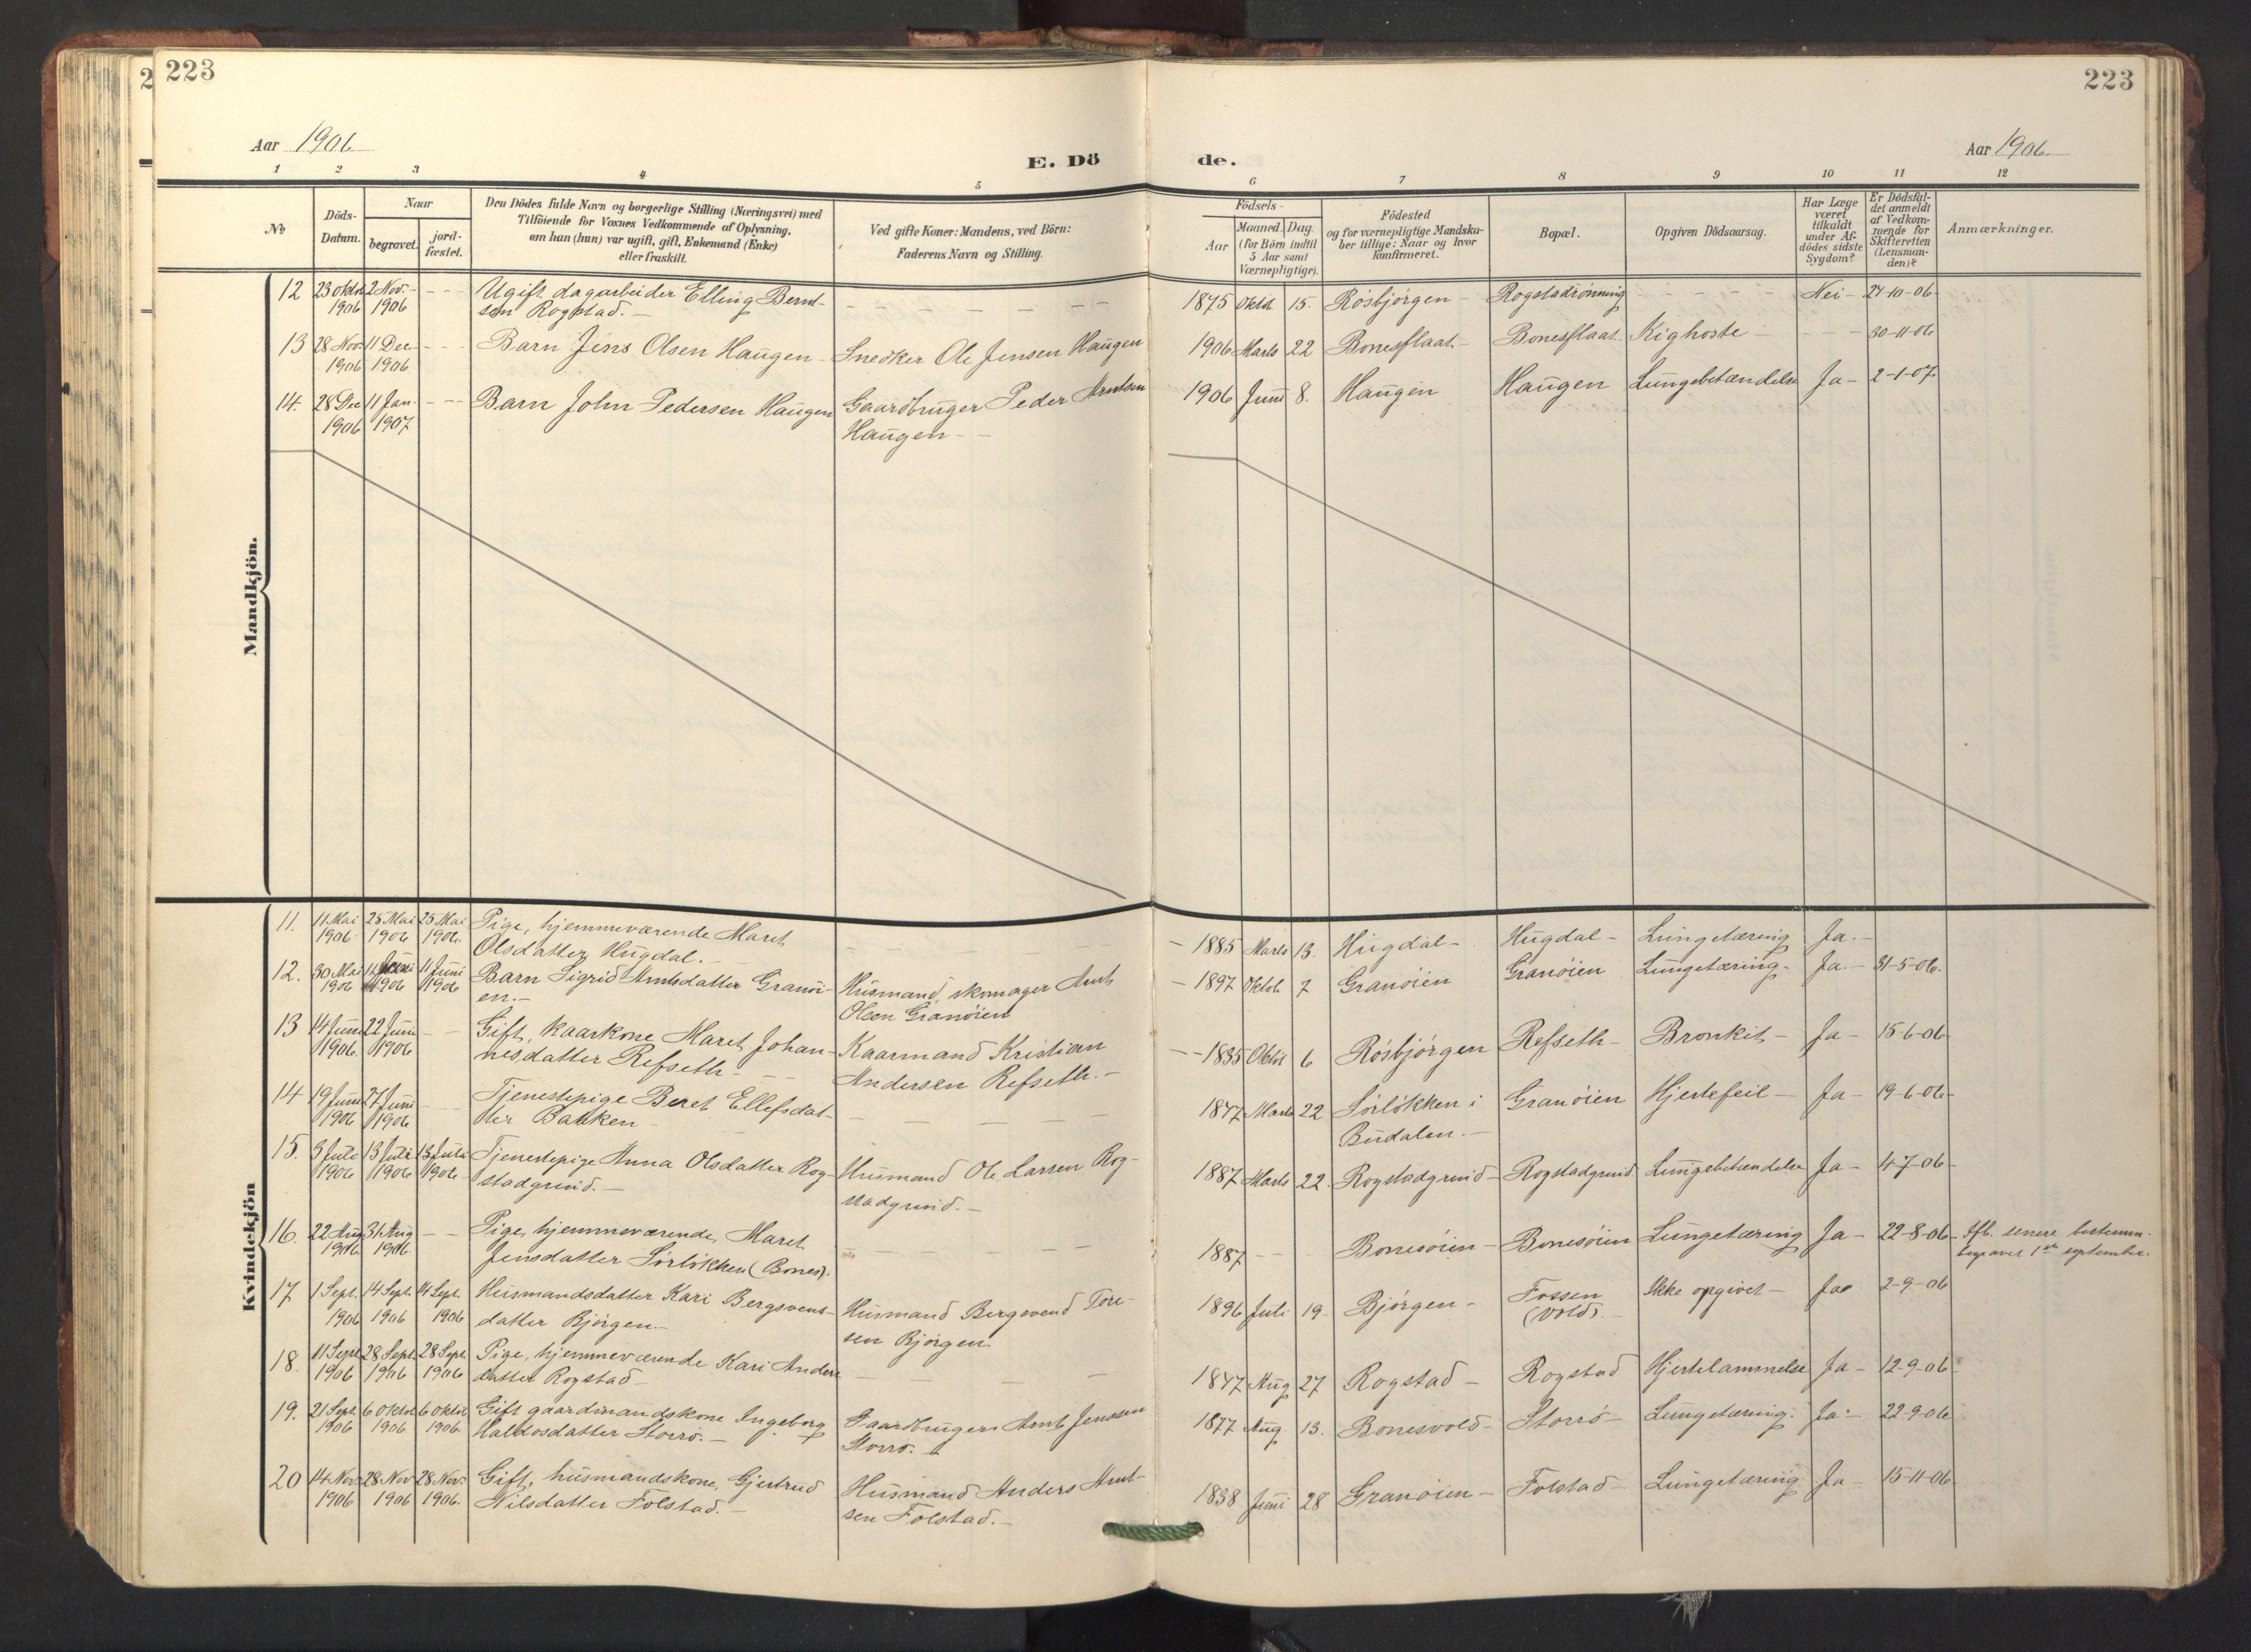 SAT, Ministerialprotokoller, klokkerbøker og fødselsregistre - Sør-Trøndelag, 687/L1019: Klokkerbok nr. 687C03, 1904-1931, s. 223